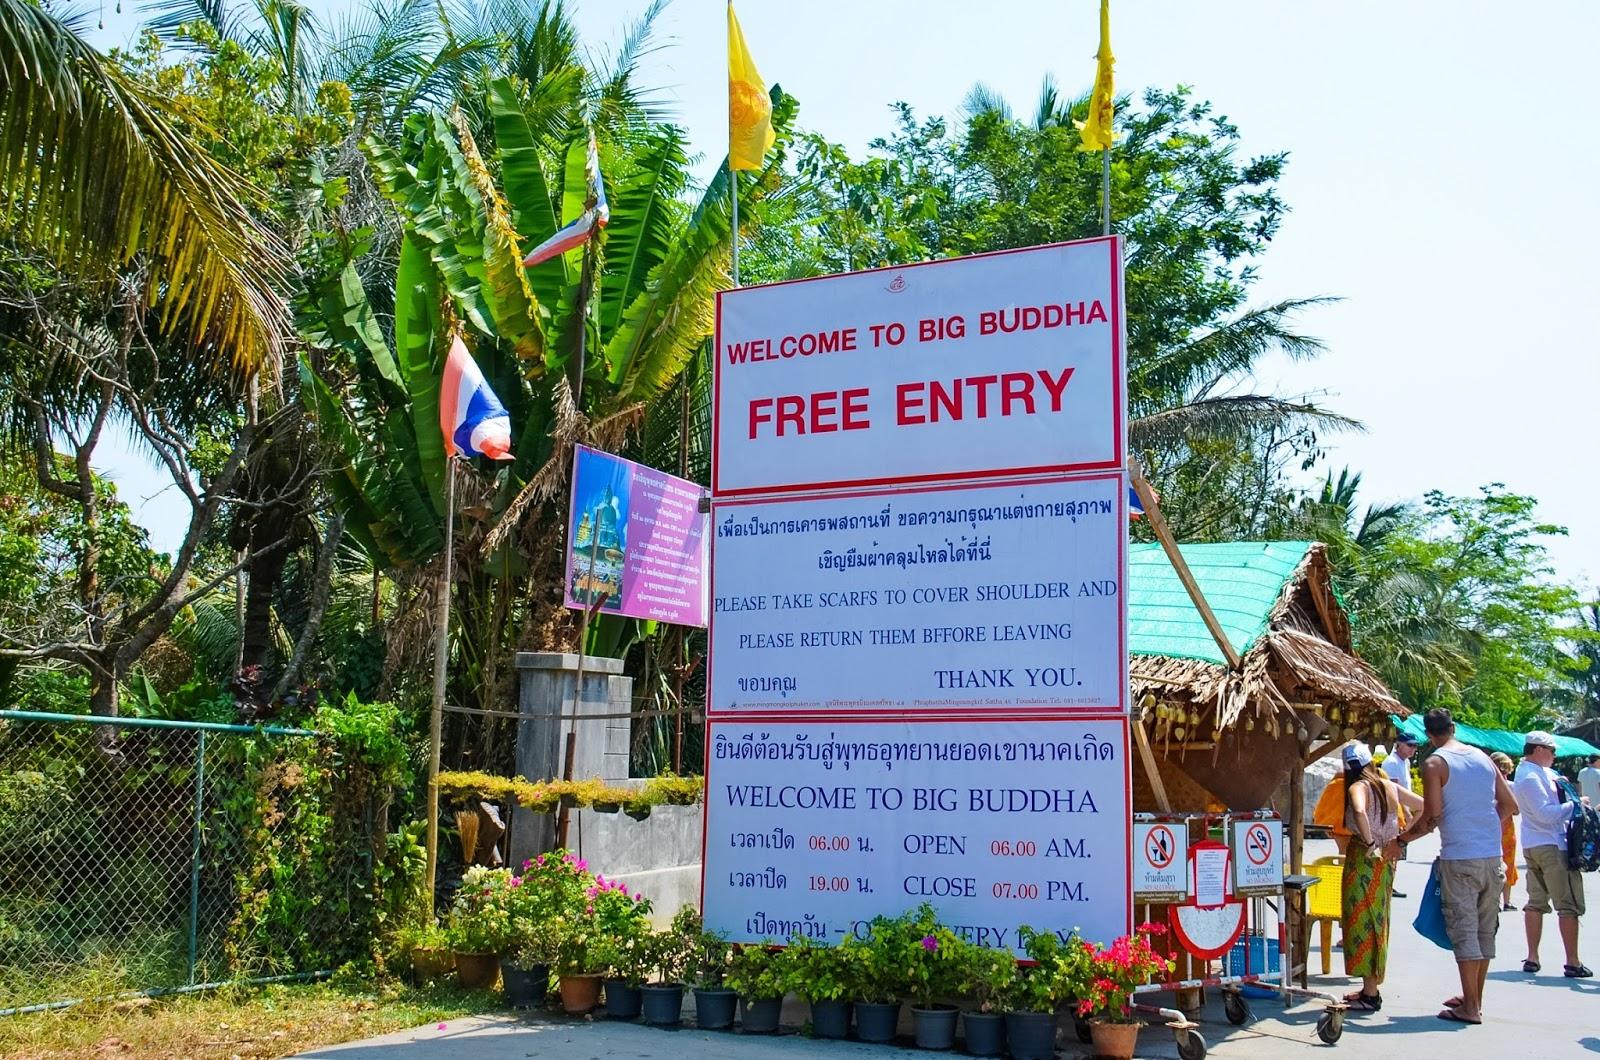 entry to the big buddha phuket